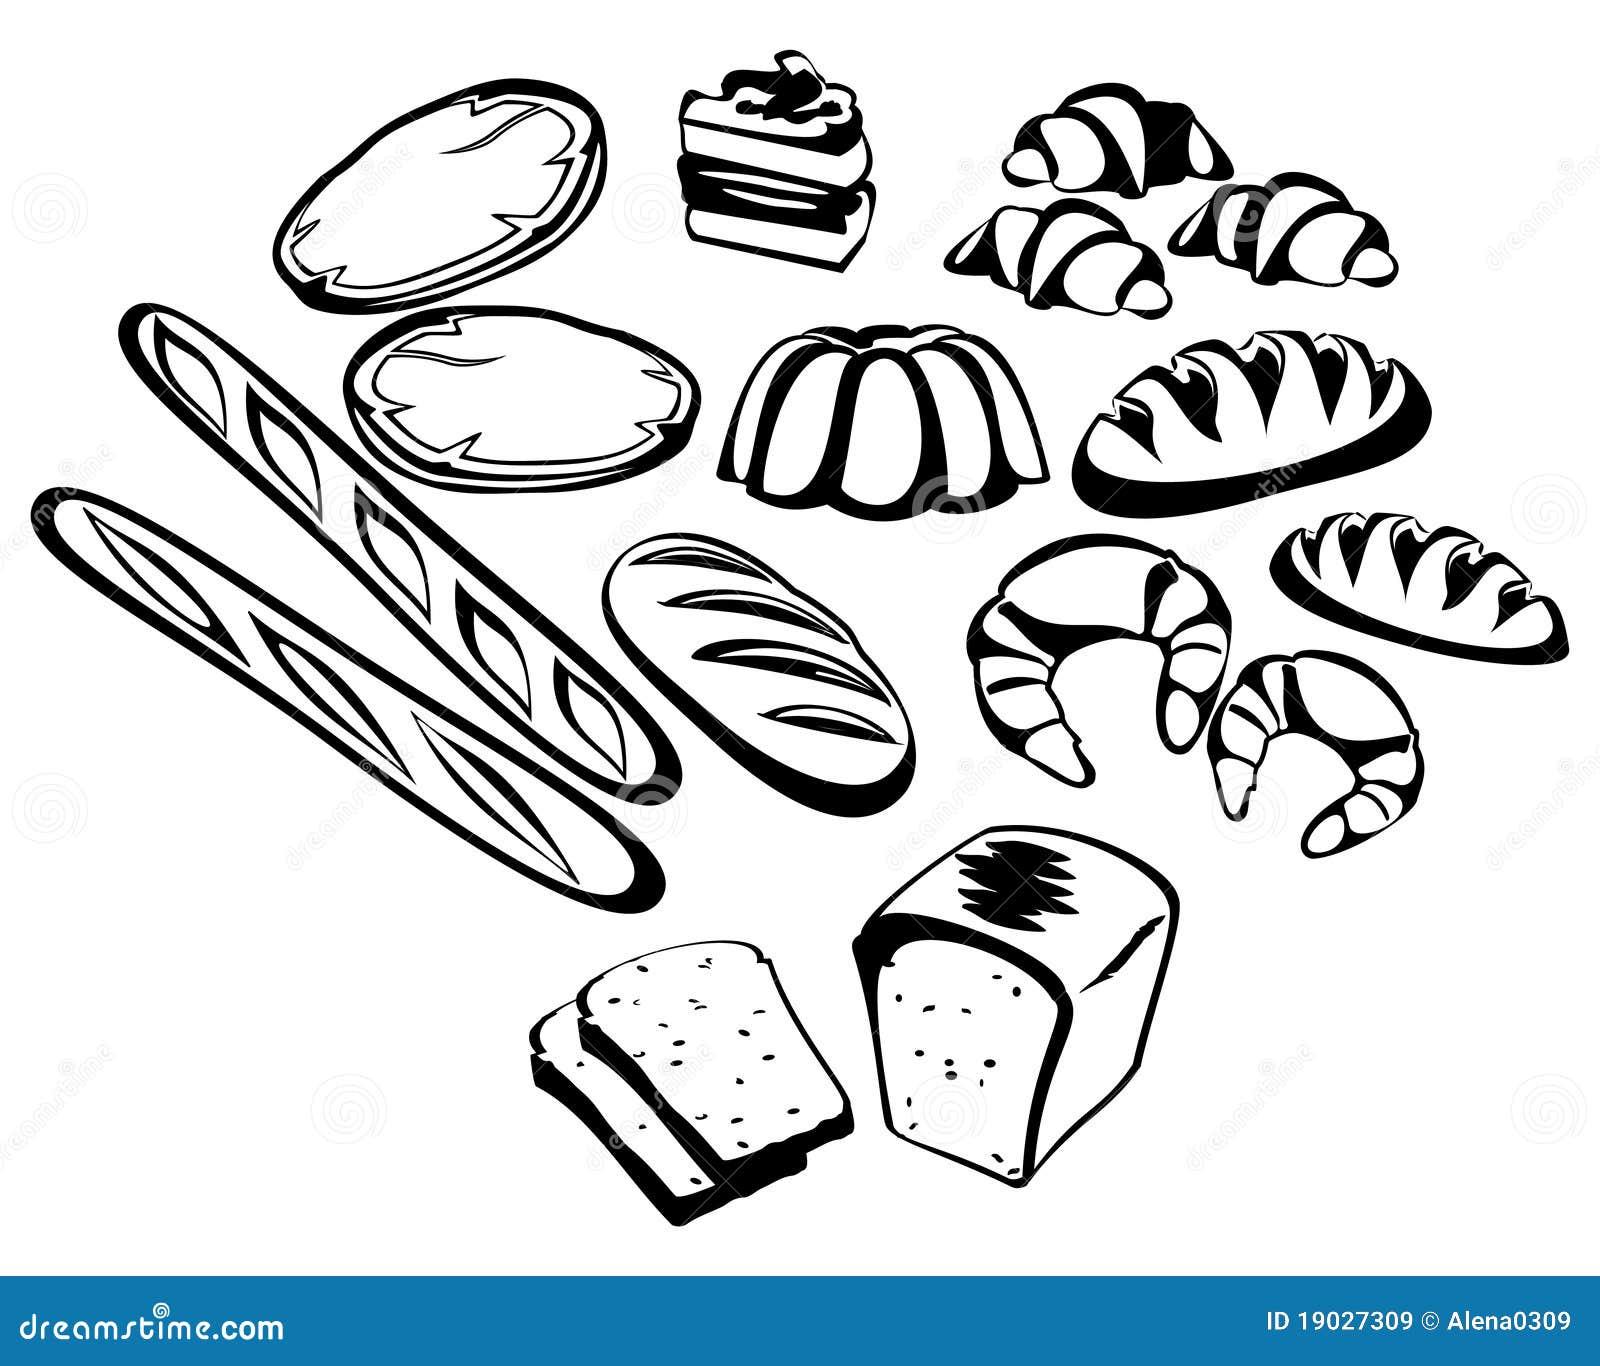 Brot und fantasiebrot stock abbildung illustration von - Download er finestra ...